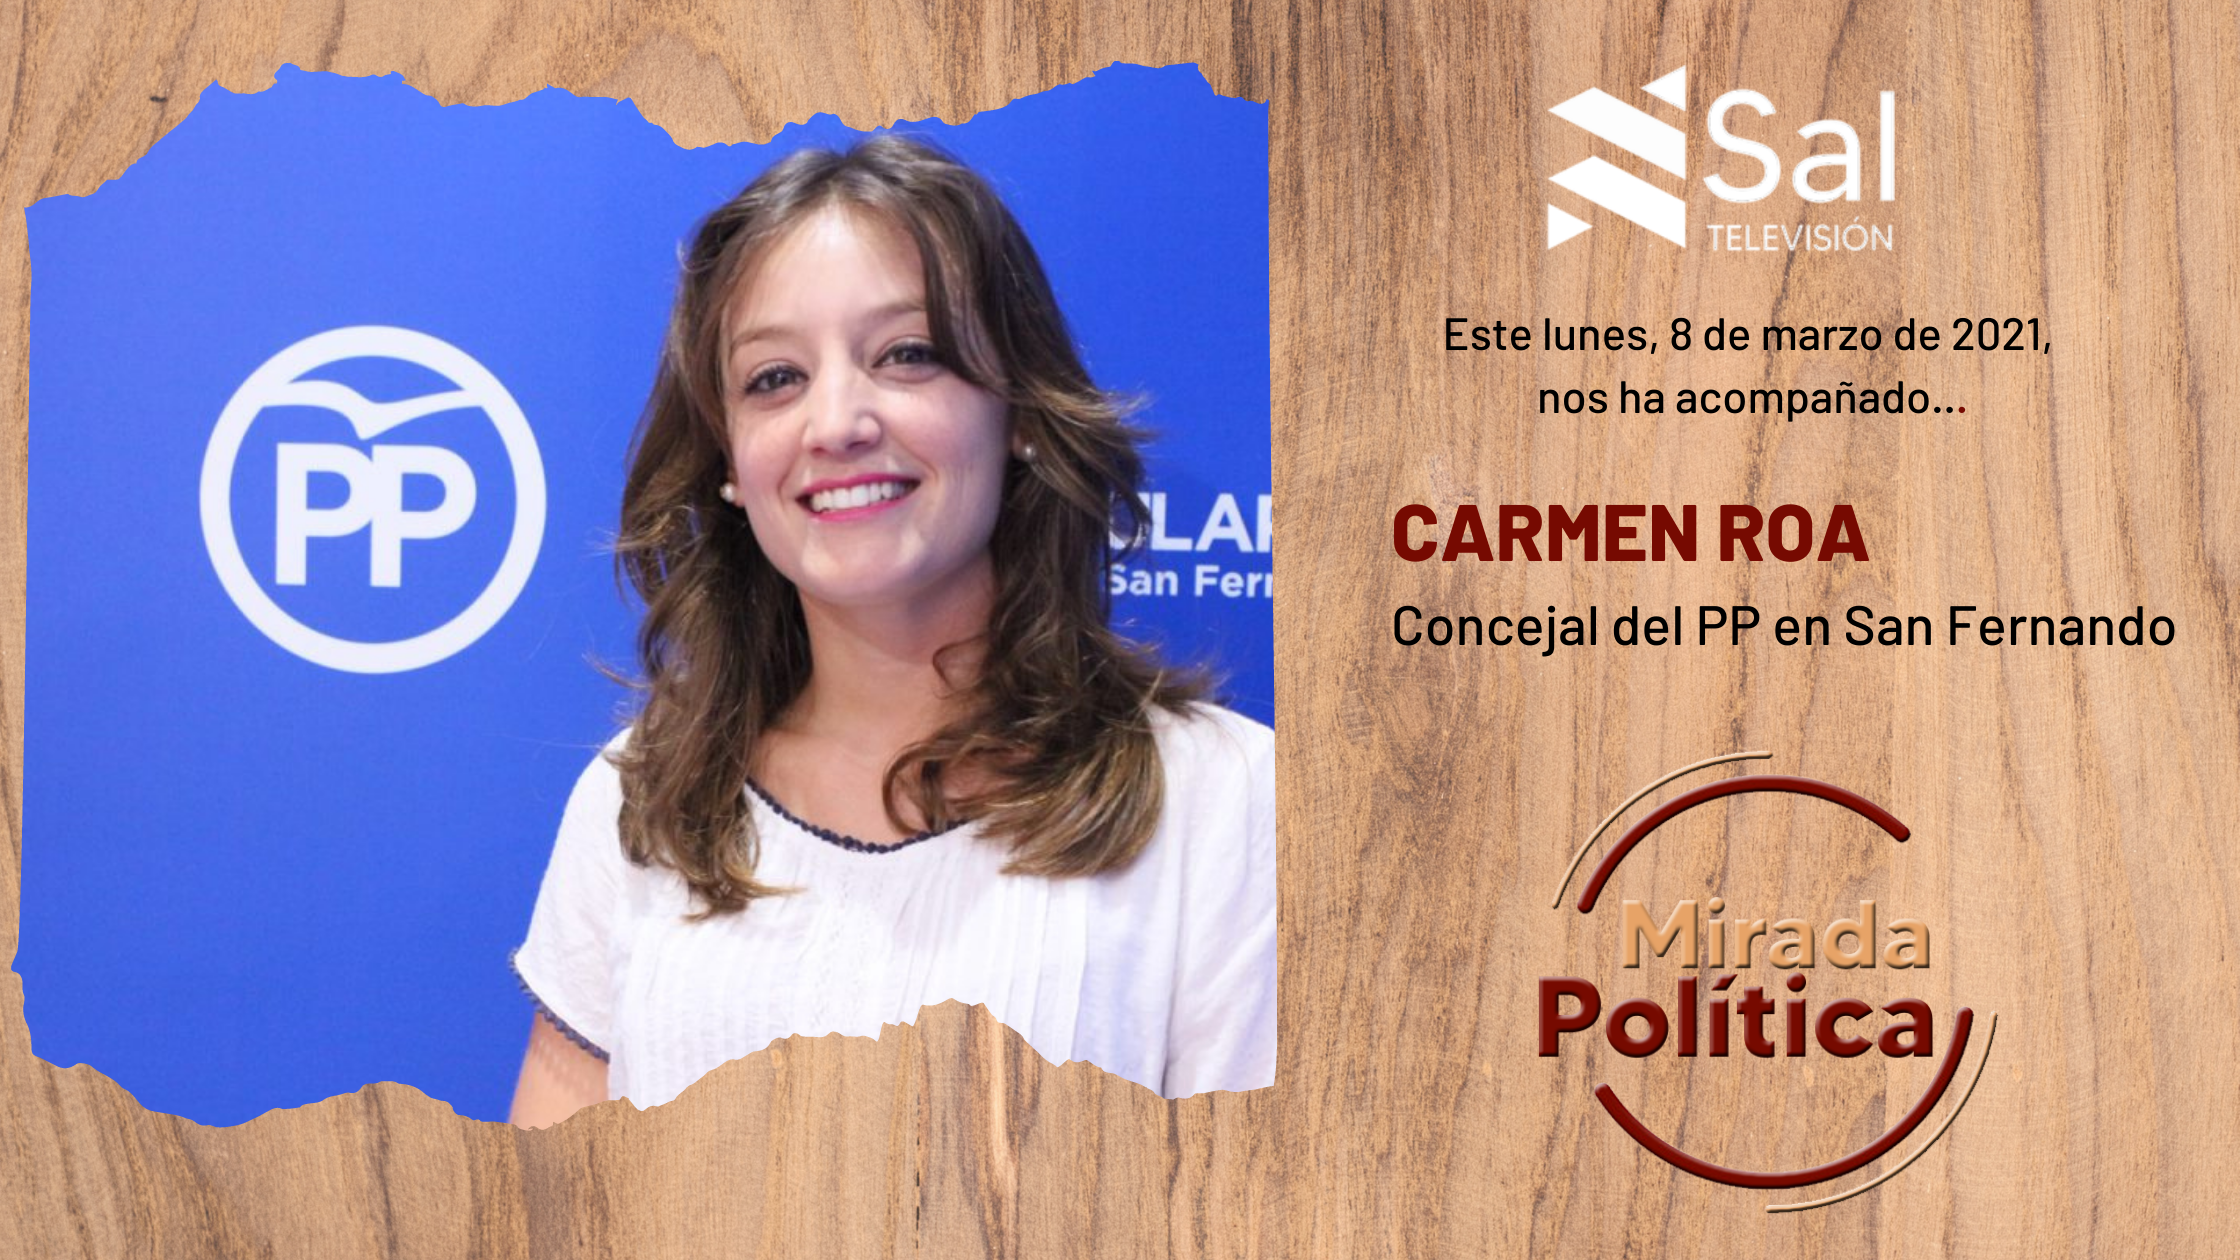 Carmen Roa, concejal del PP